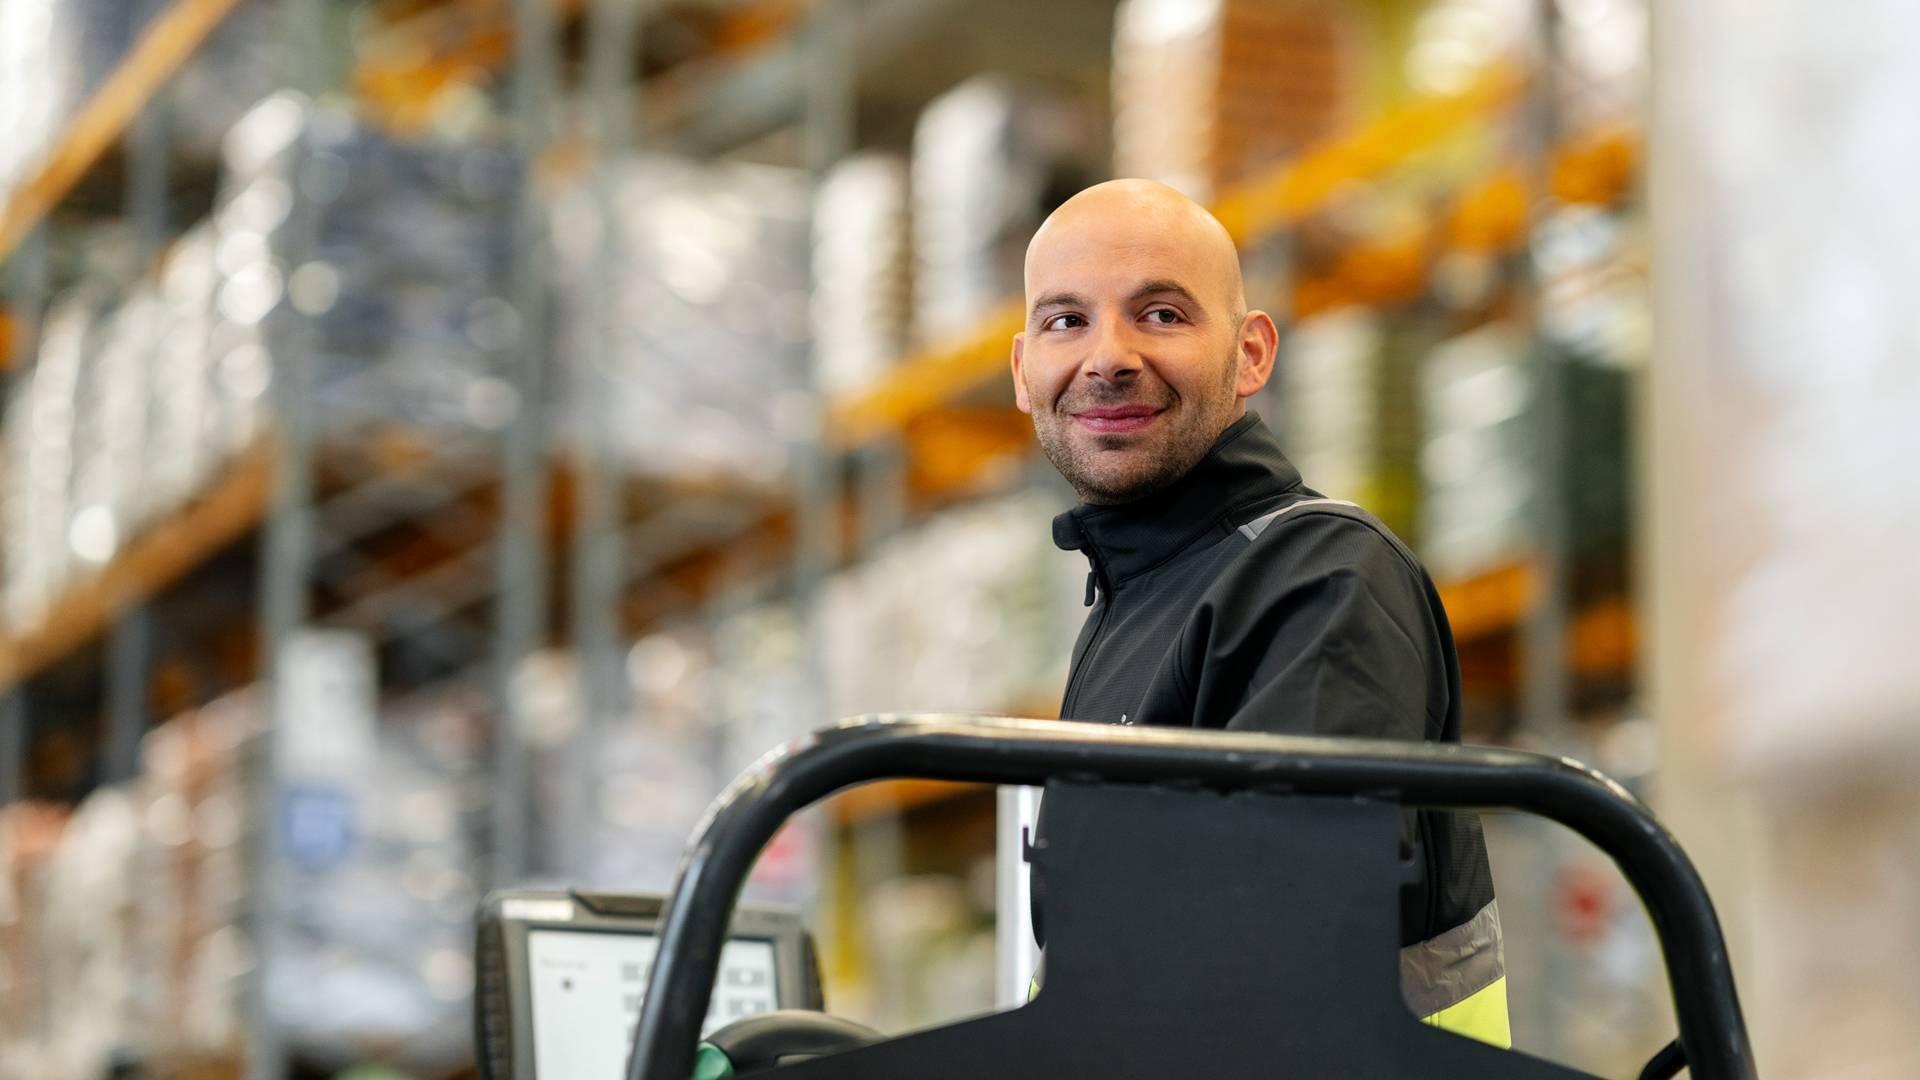 Комисионер управлява мотокар в централен склад